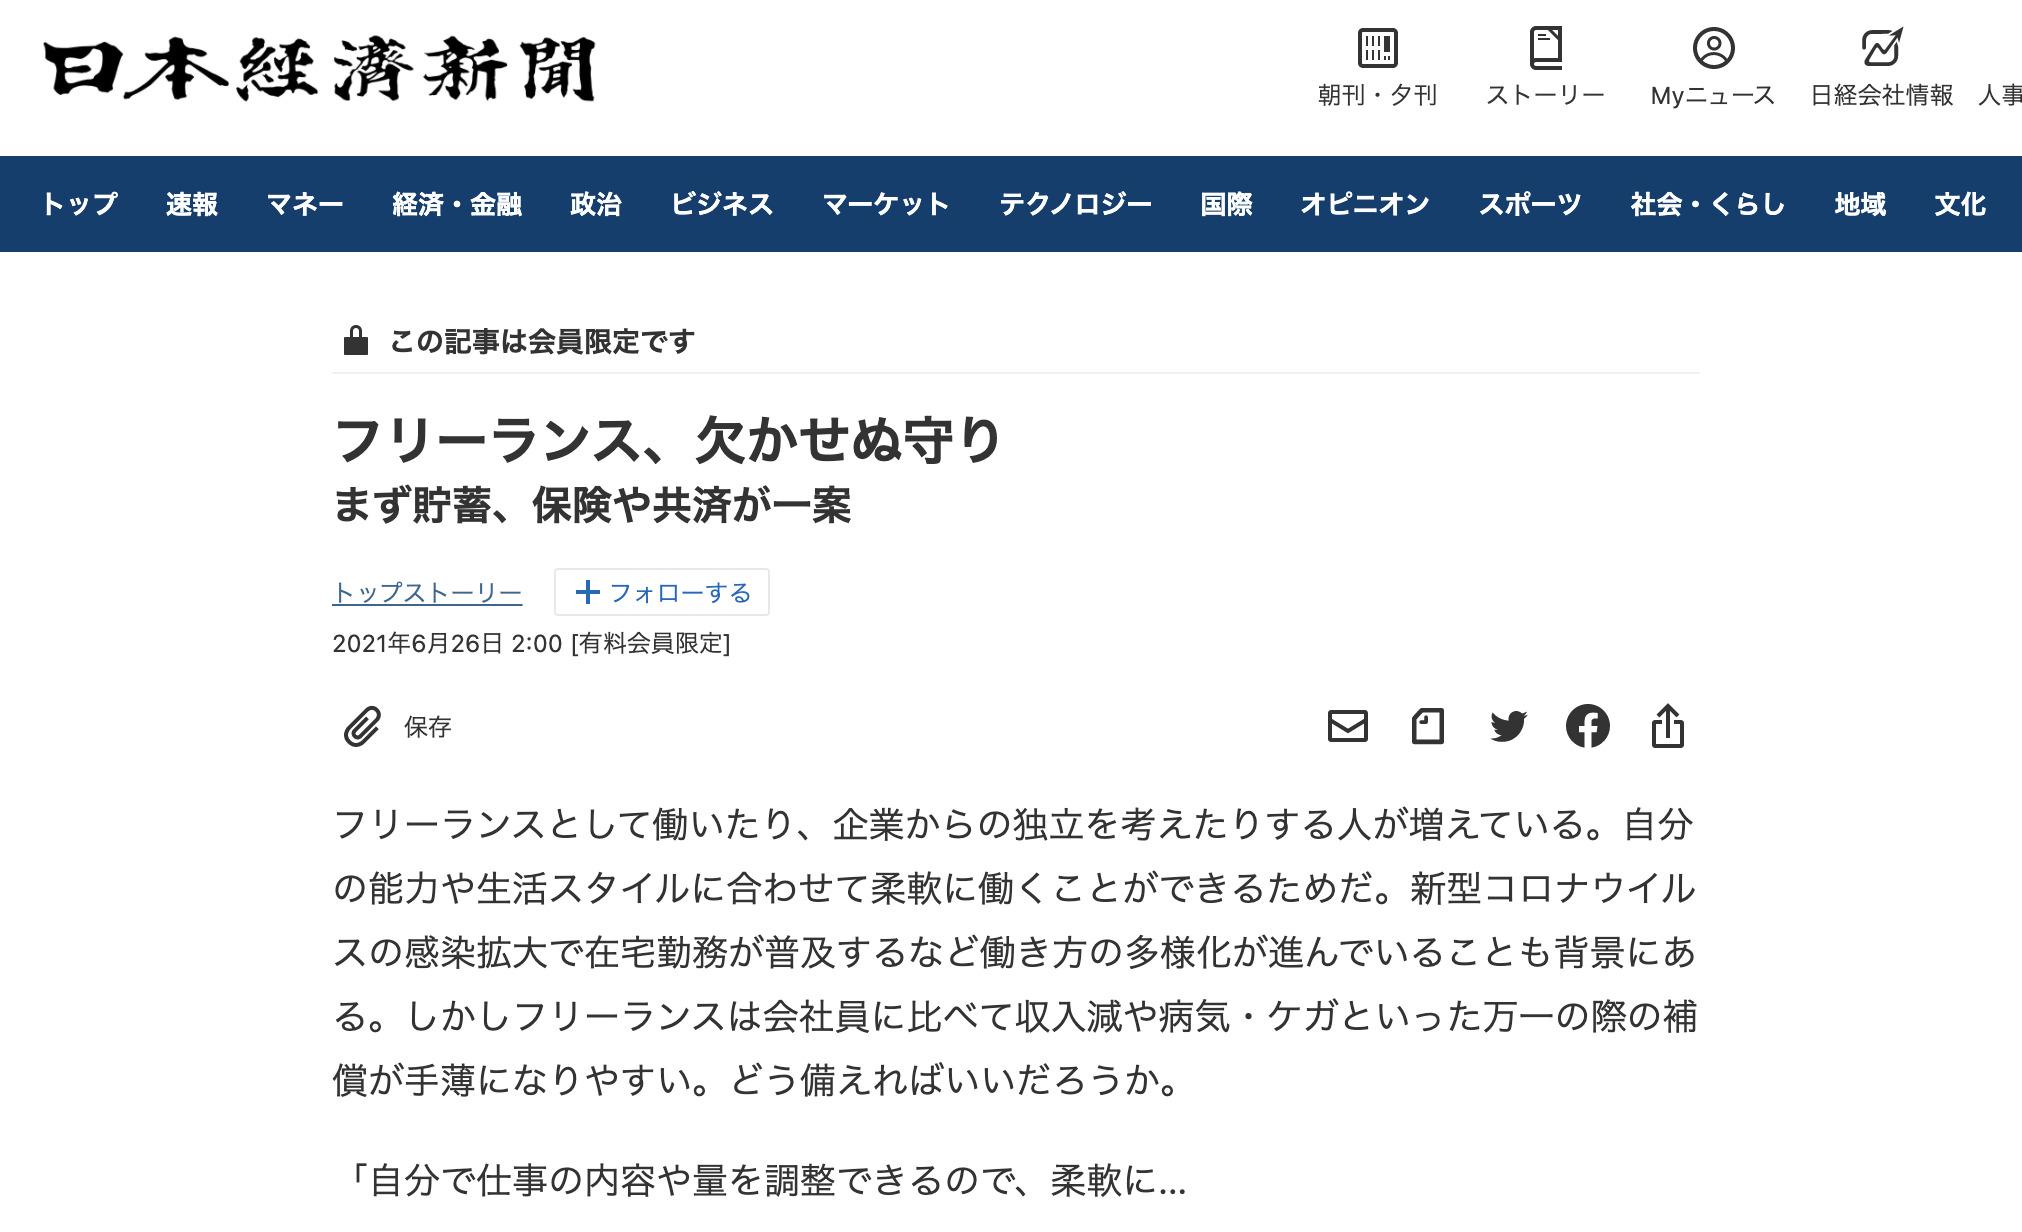 2021年6月26日付日本経済新聞